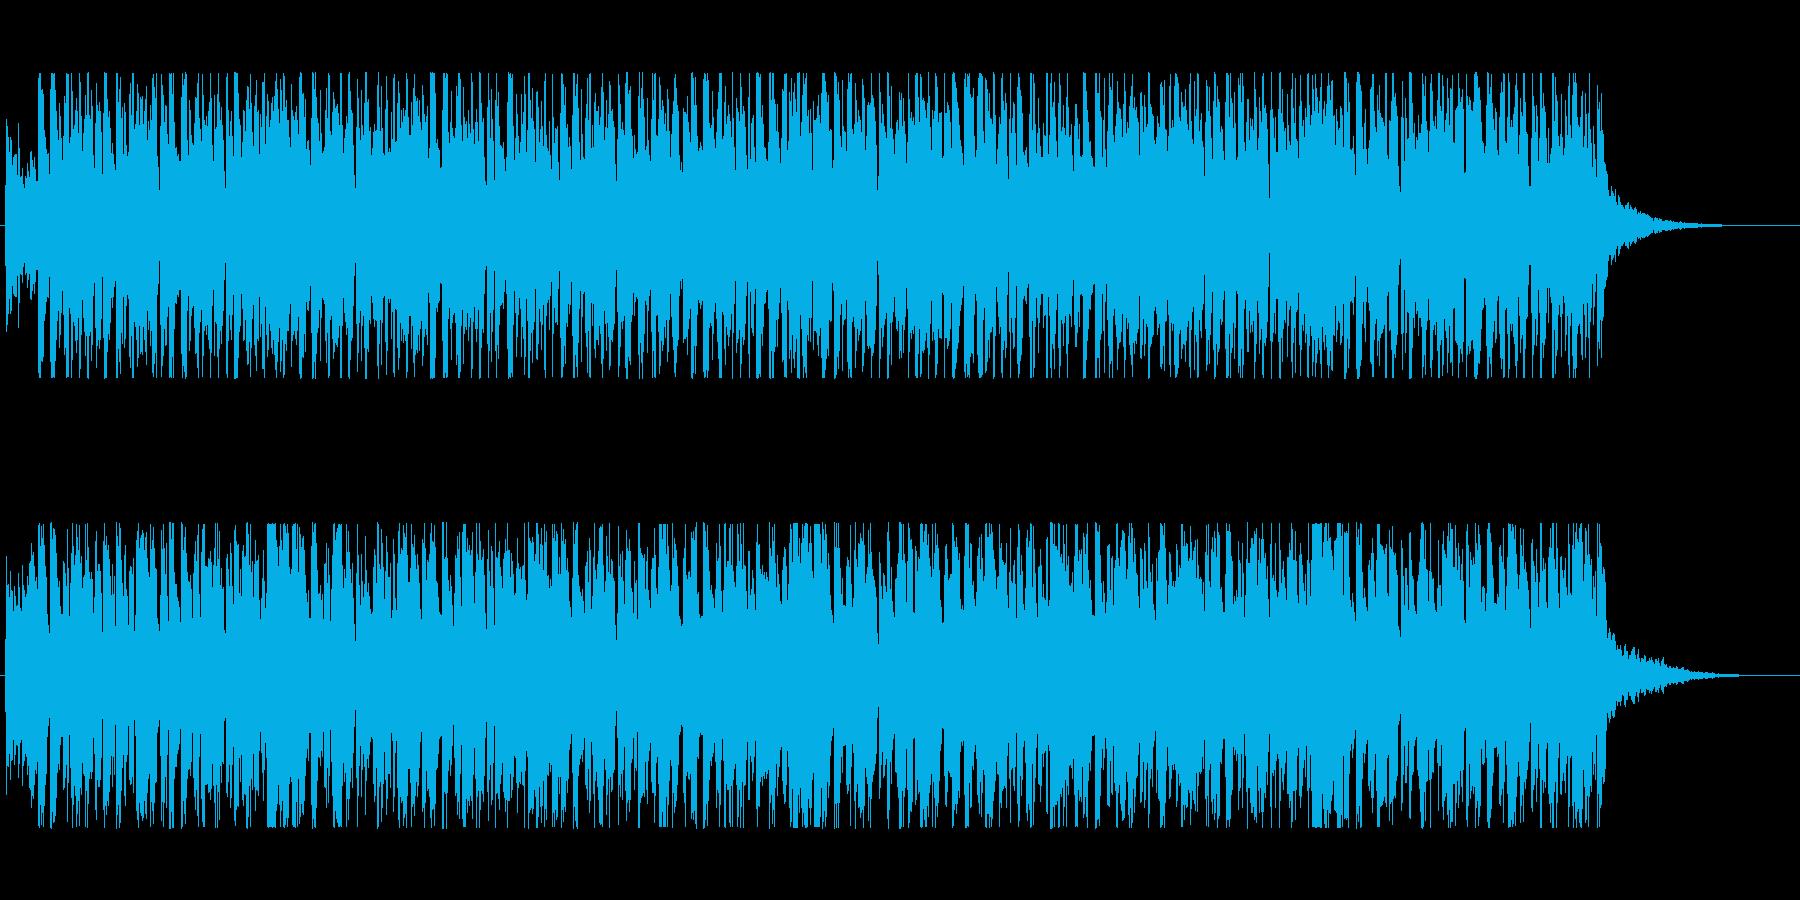 ギターカッティングが心地いいBGMの再生済みの波形